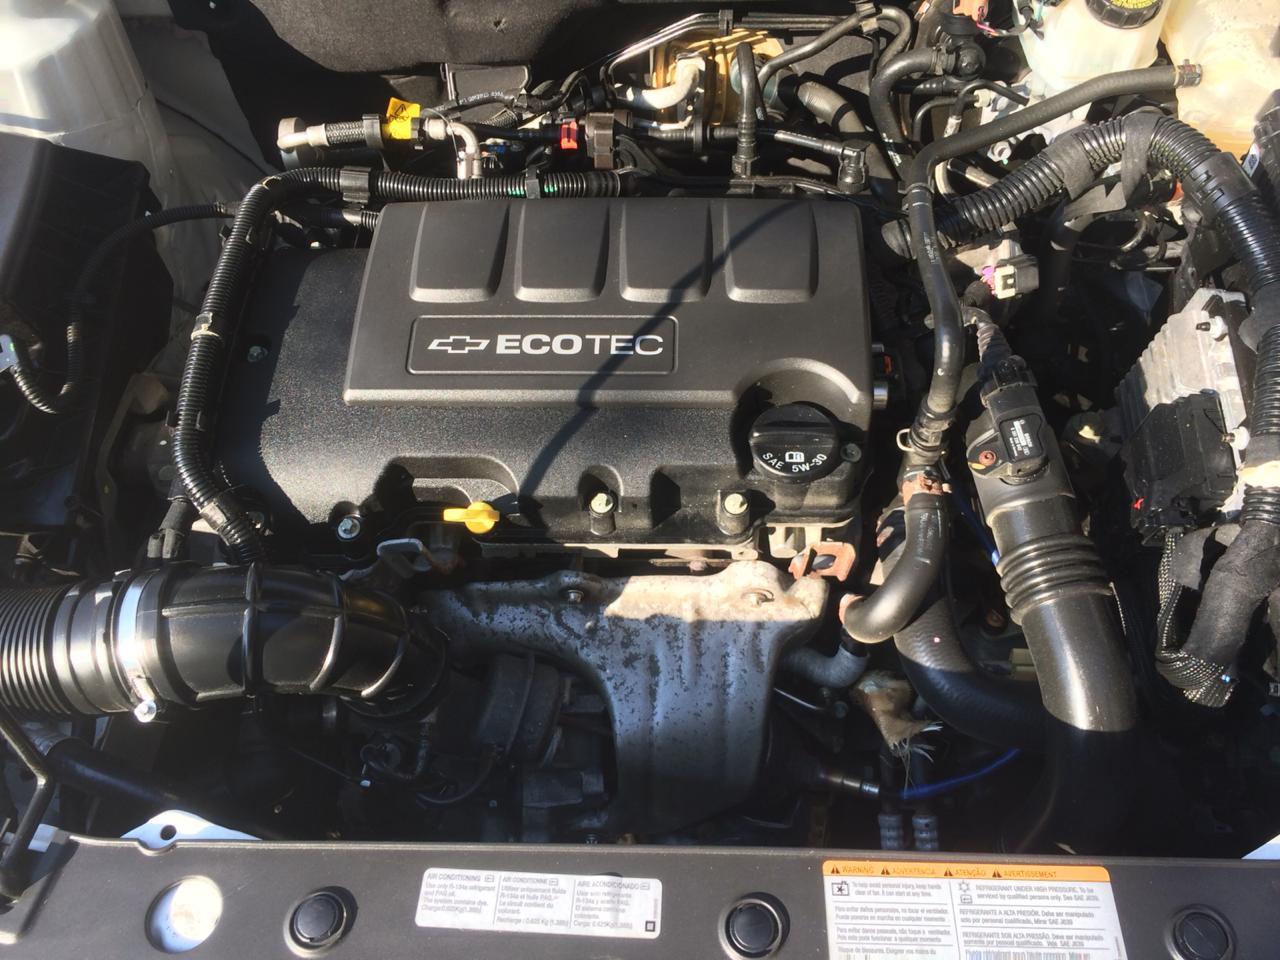 Chevrolet Cruze 1.4(lt) 2012 Новый автомобиль  $8600